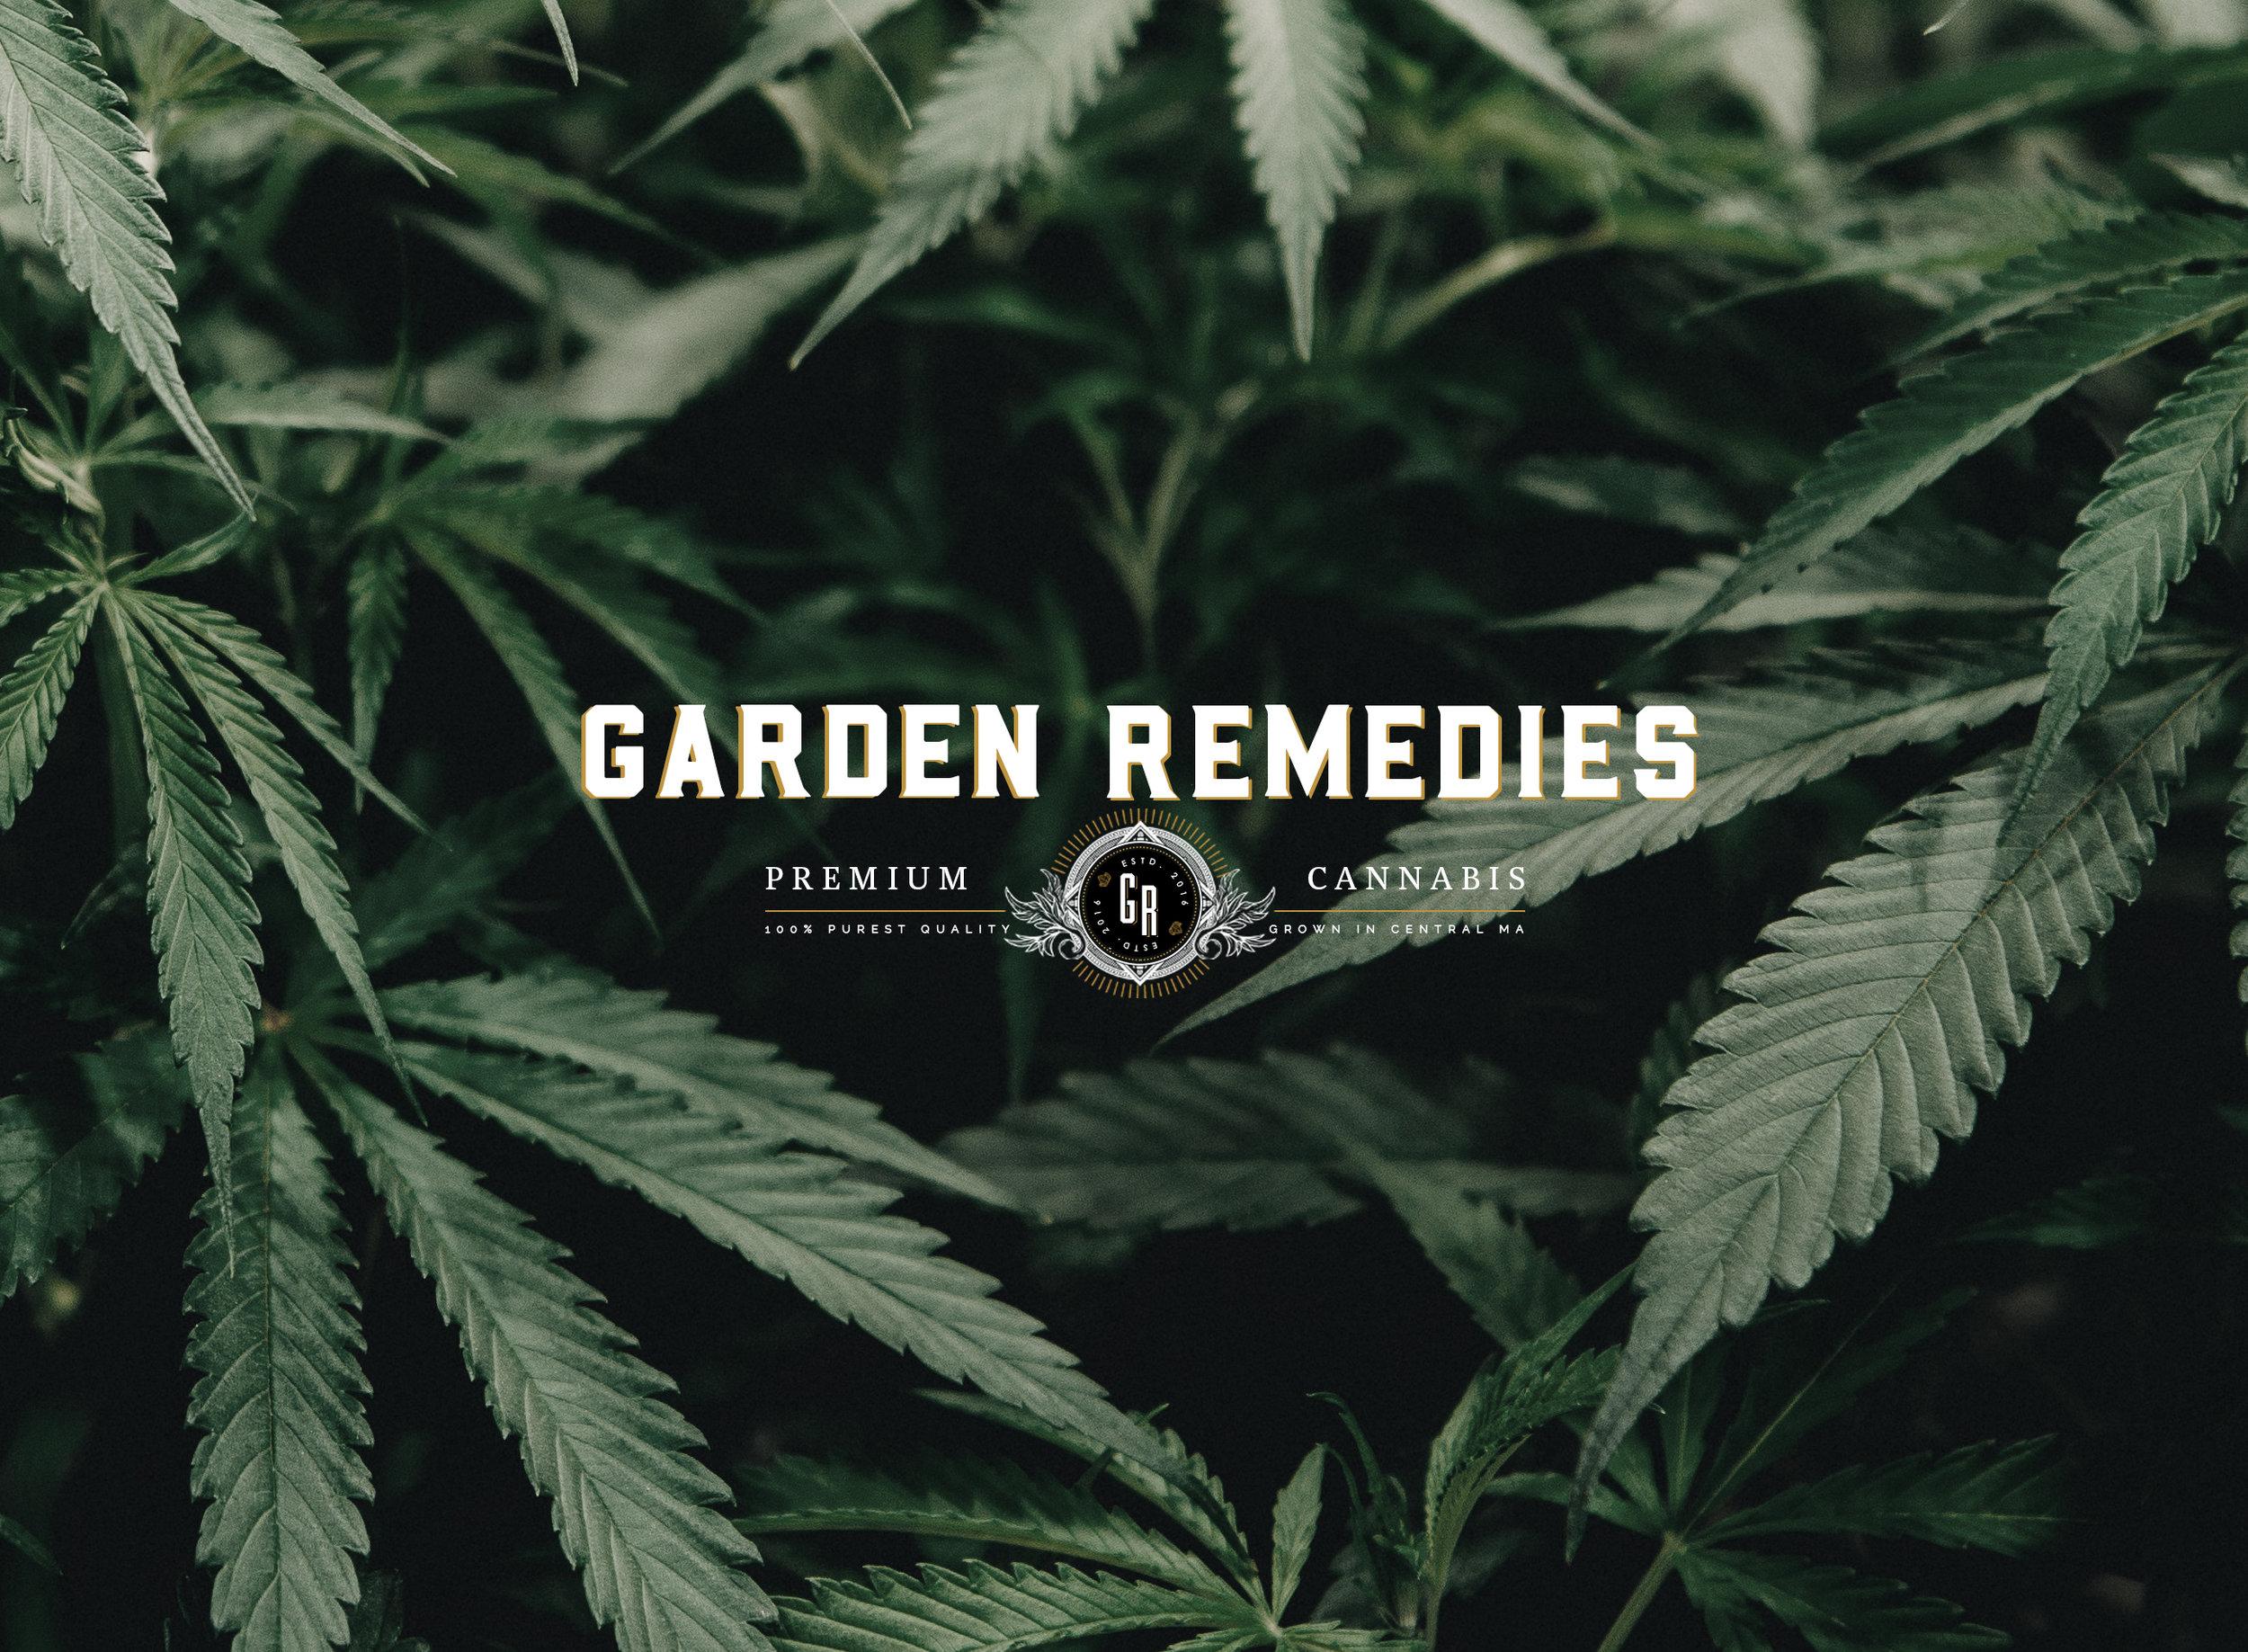 garden remedies banner.jpg